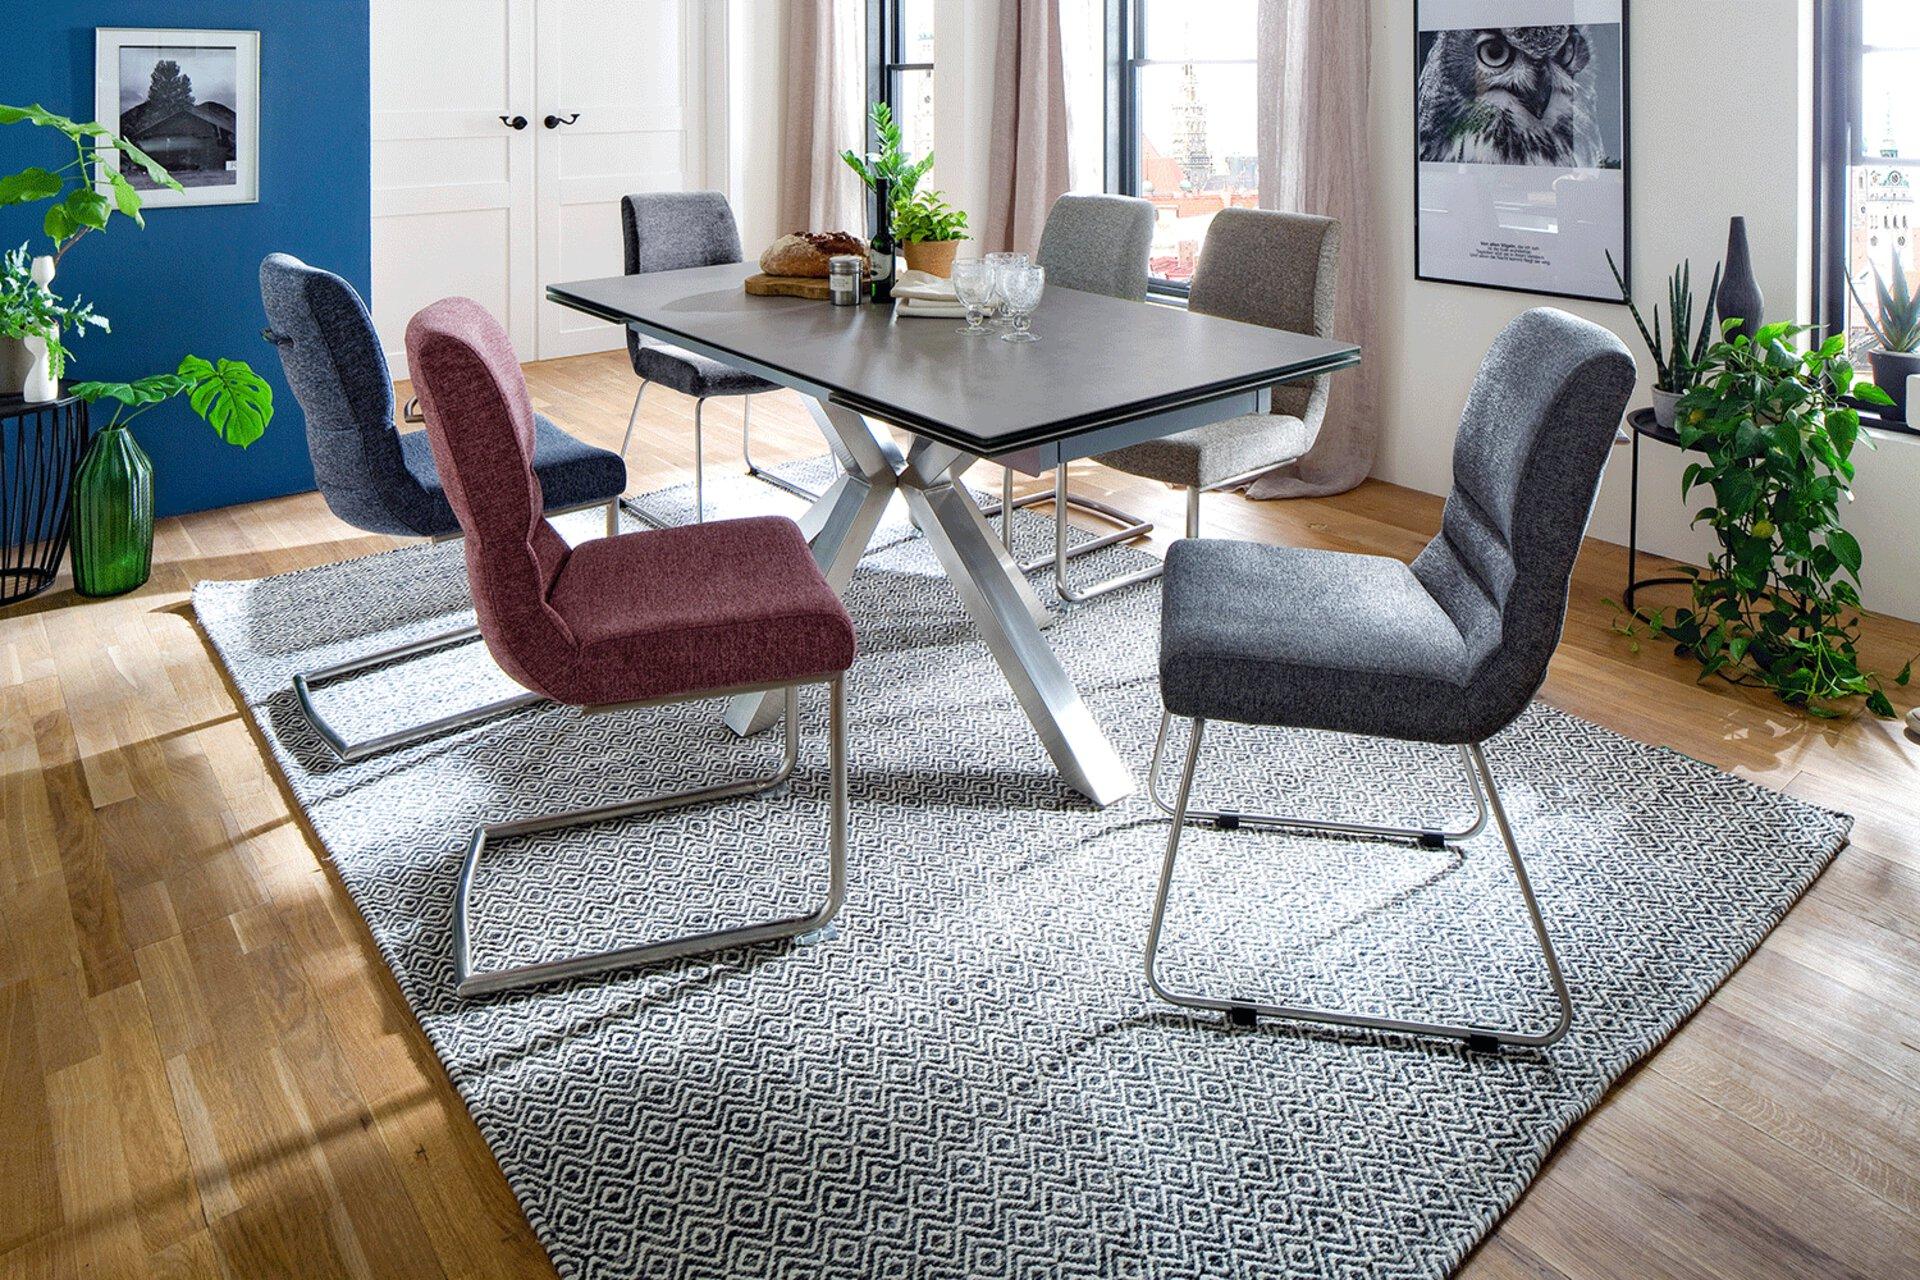 Freischwingerstuhl MONTERA MCA furniture Textil 63 x 90 x 40 cm